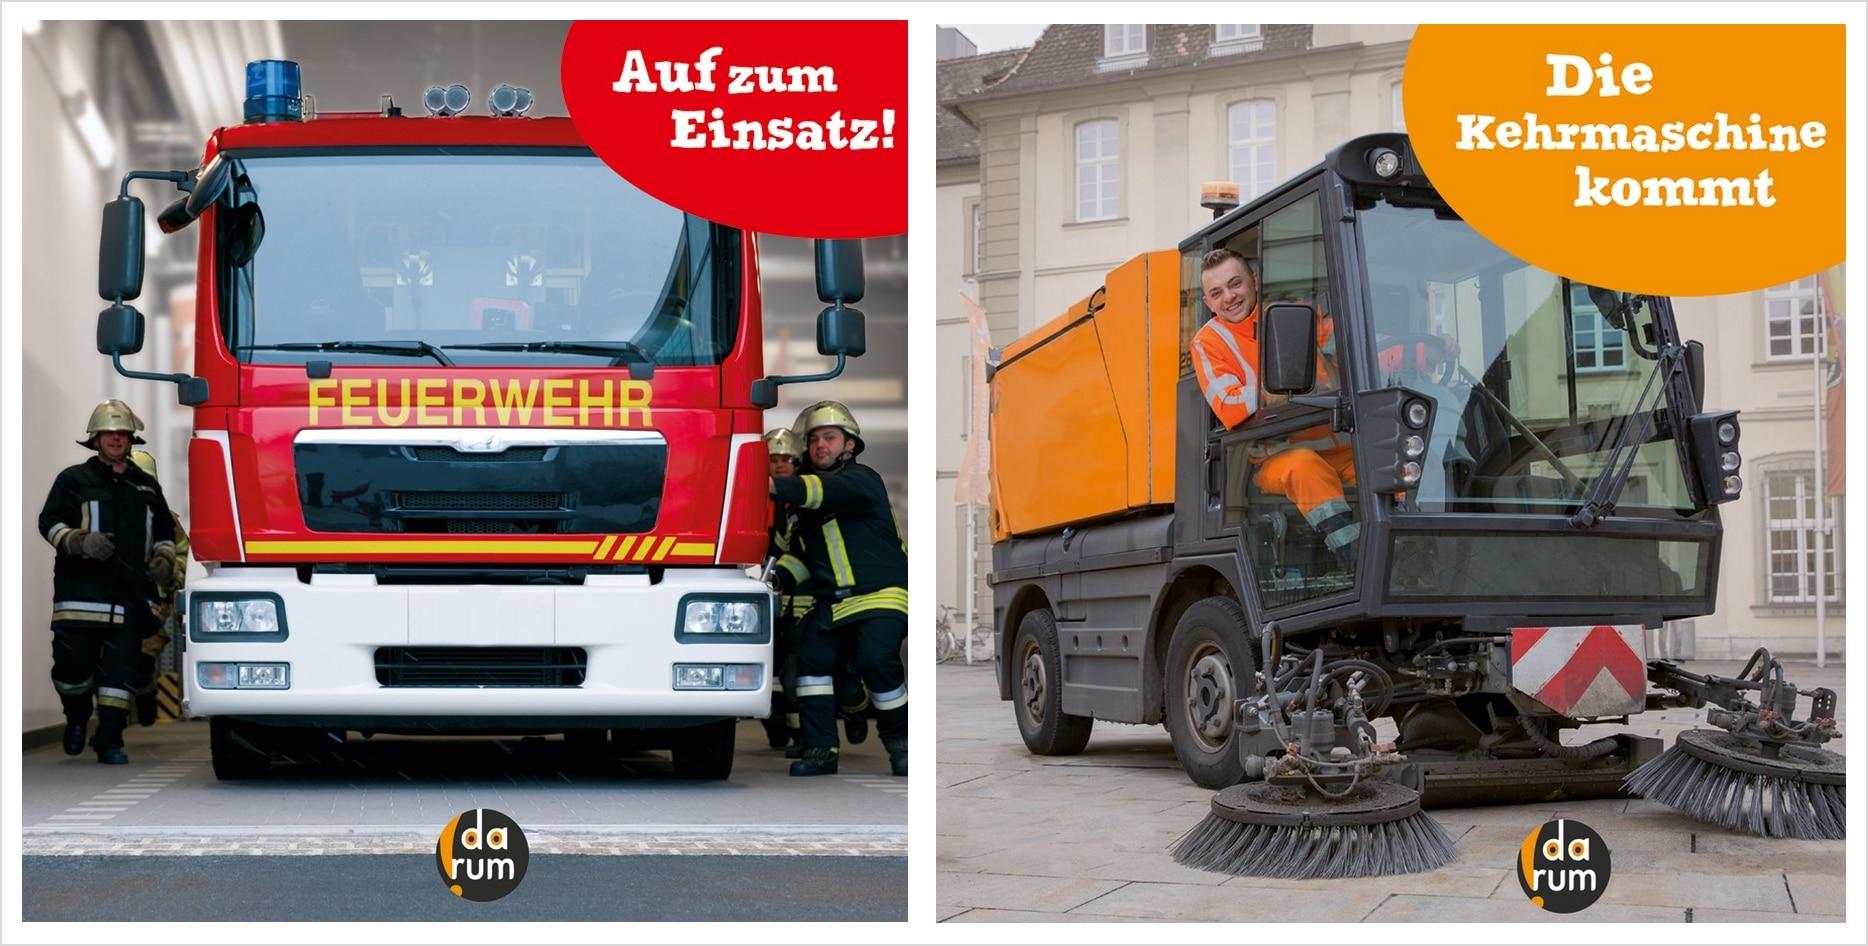 Einsatz für Feuerwehr und Kehrmaschine